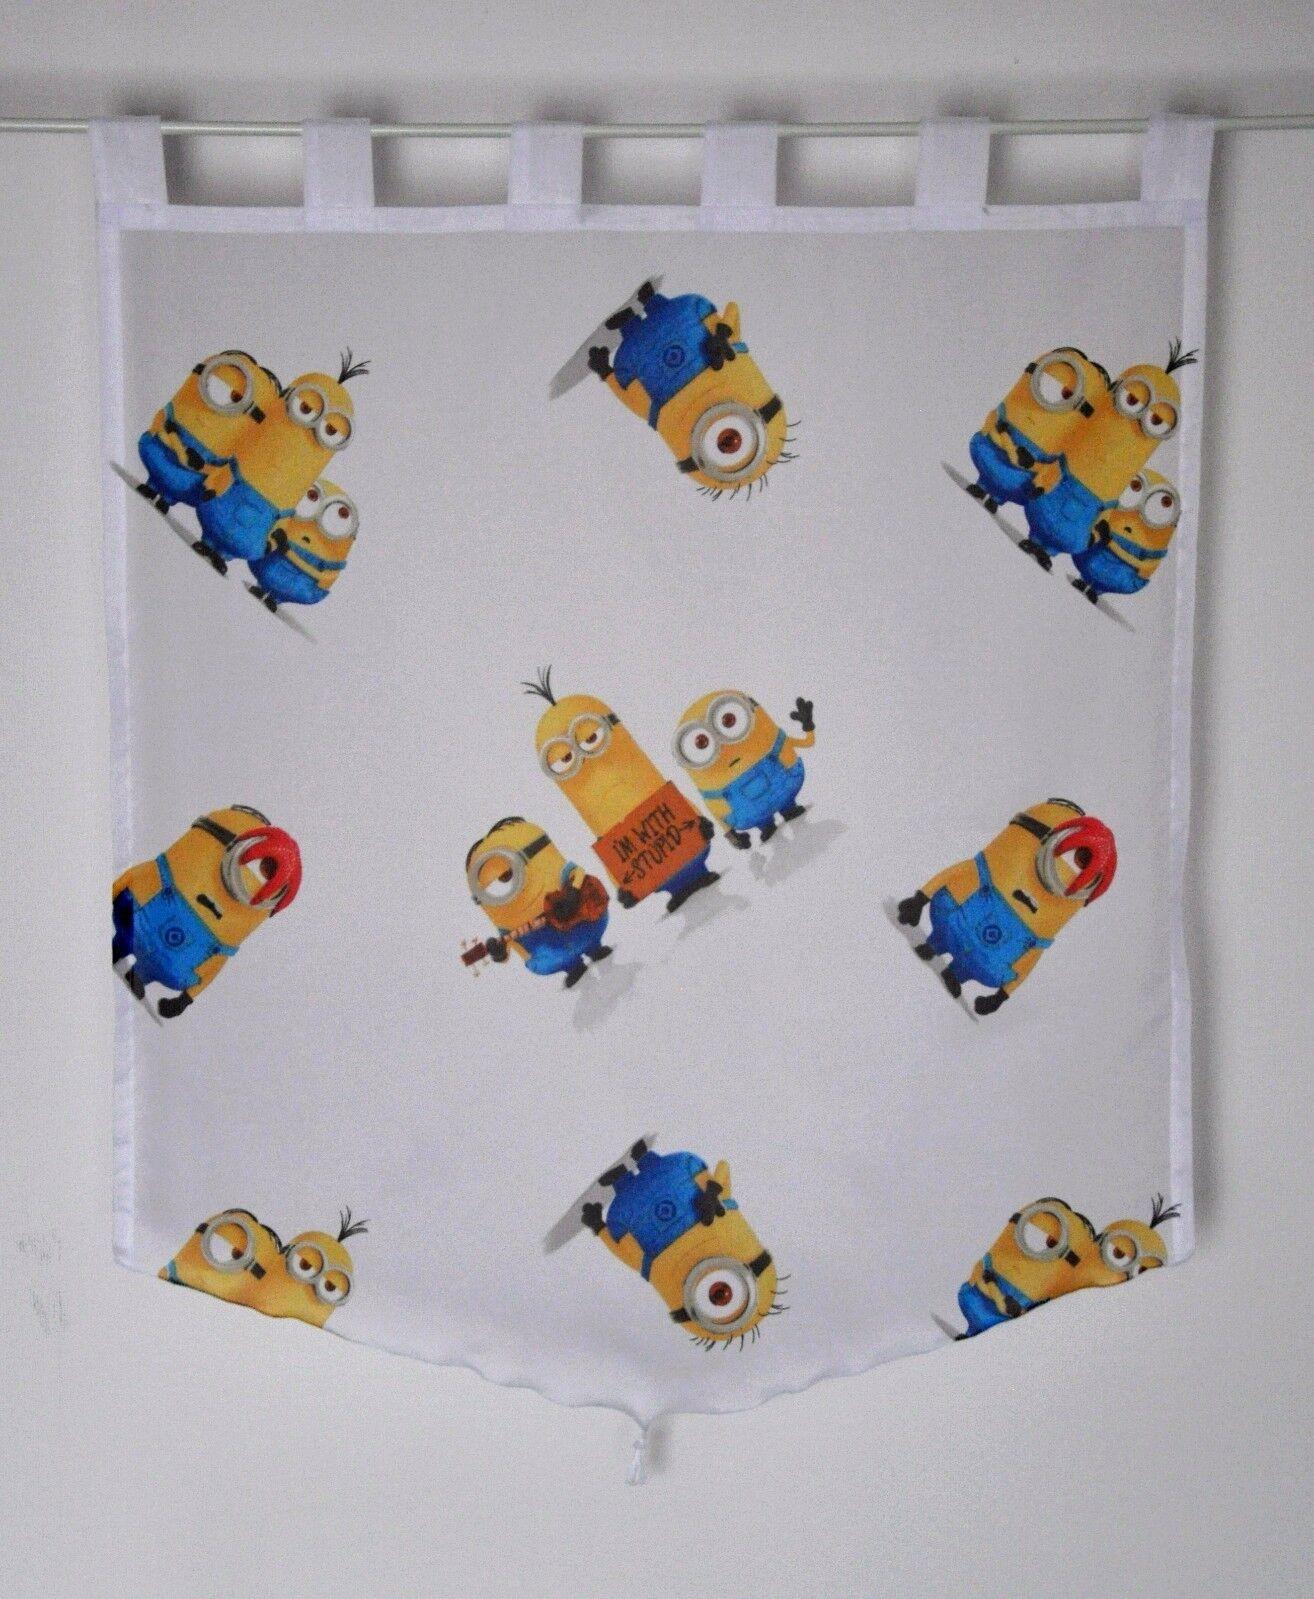 Disney MINIONS Kinder-Gardine Kinderzimmer Vorhang